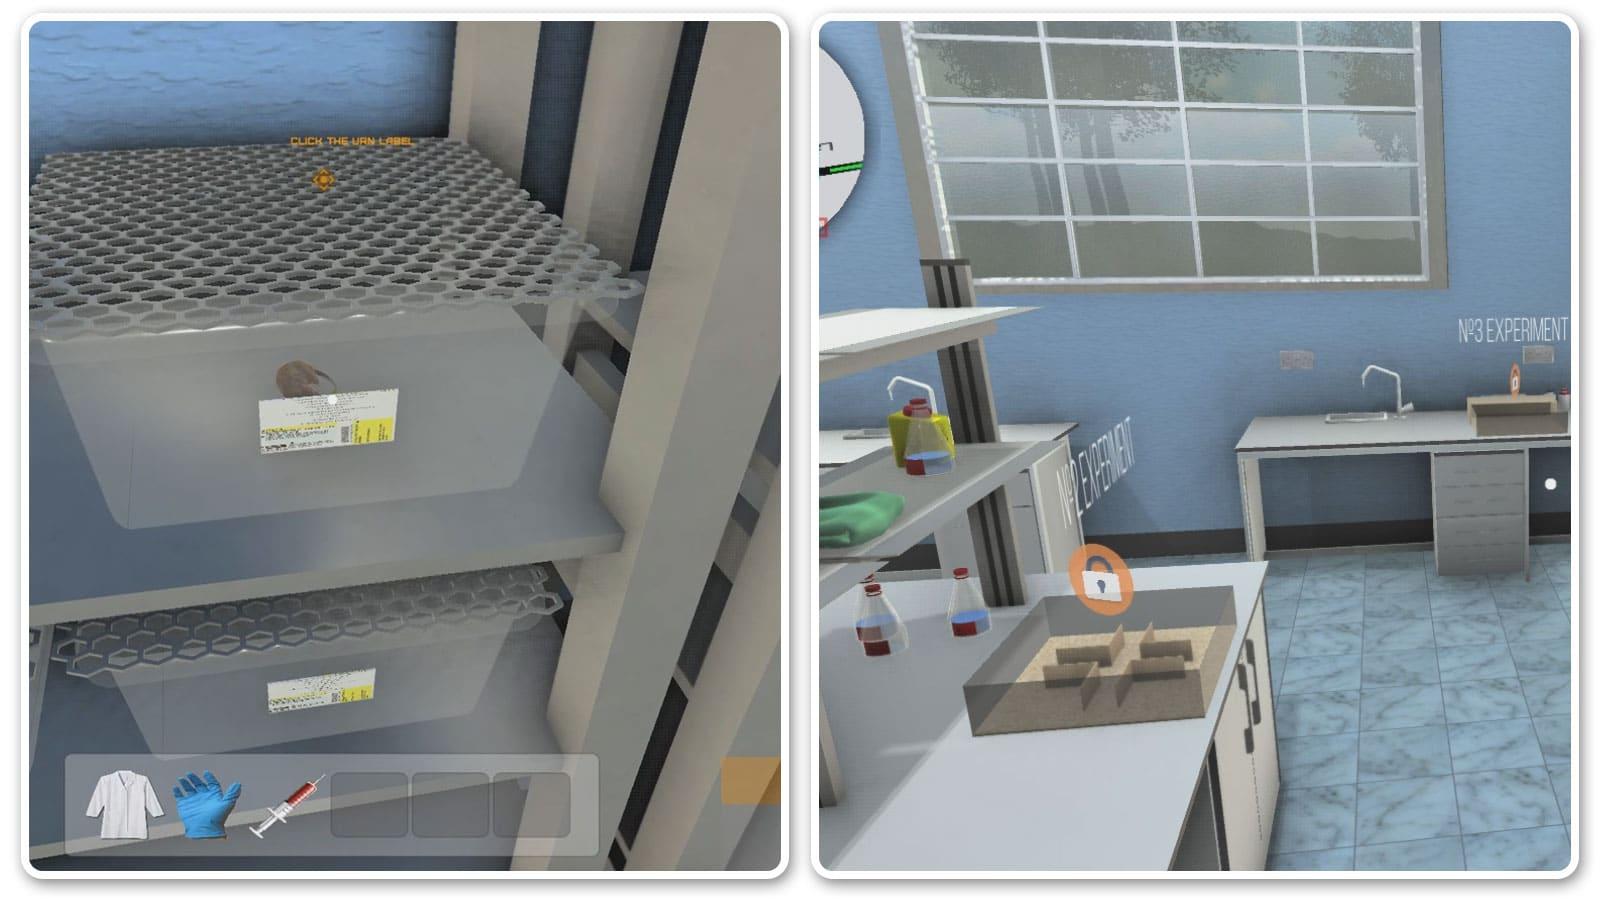 Virtual Laboratory es una herramienta desarrollada por Gestionet para la Universidad de Burdeos.